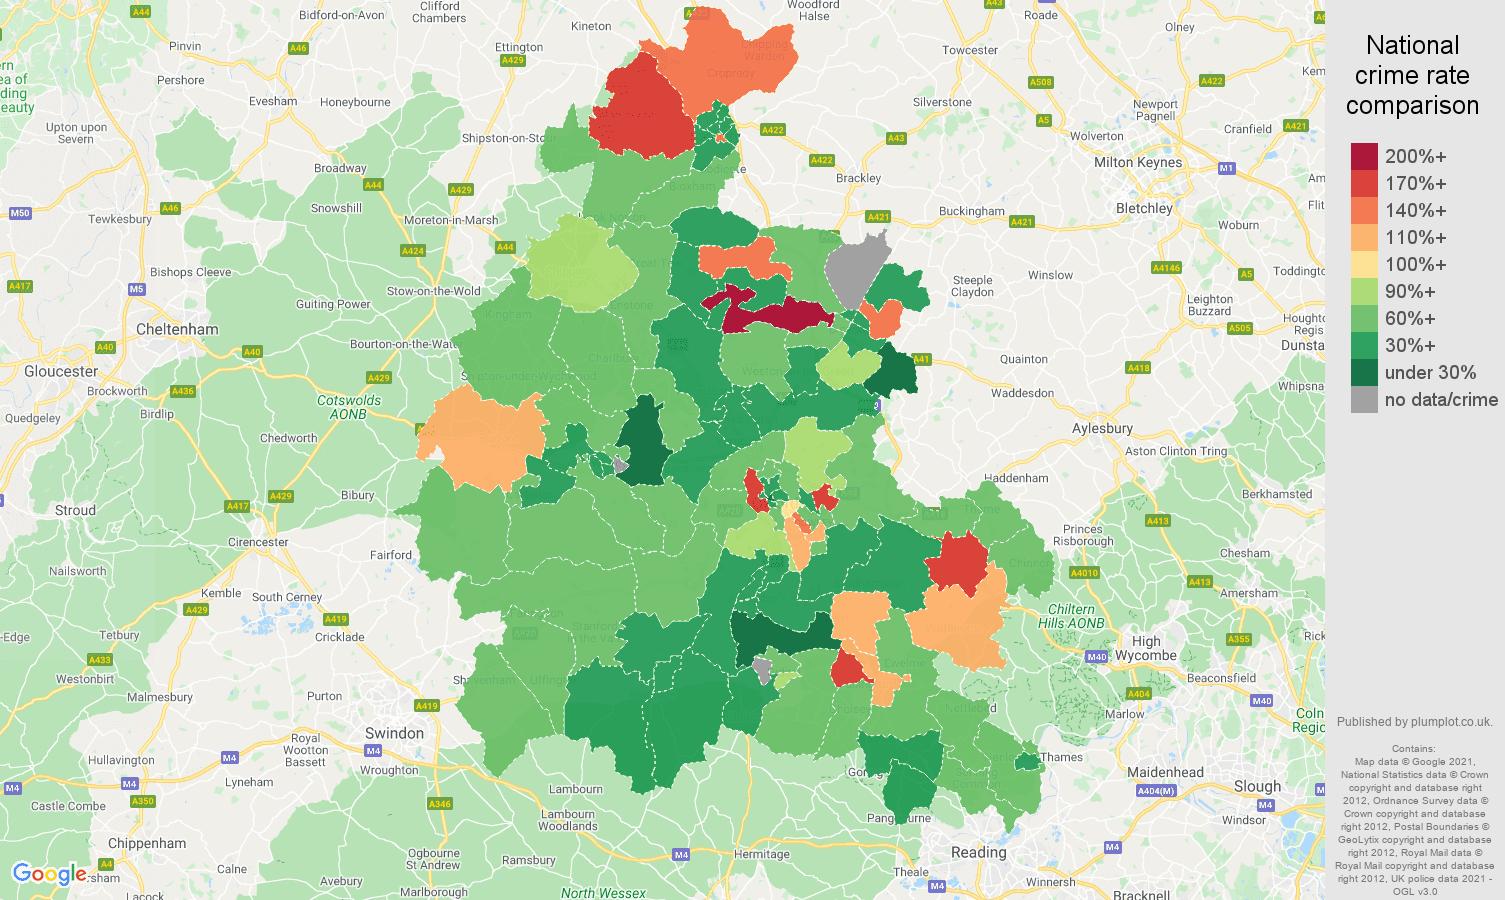 Oxfordshire burglary crime rate comparison map